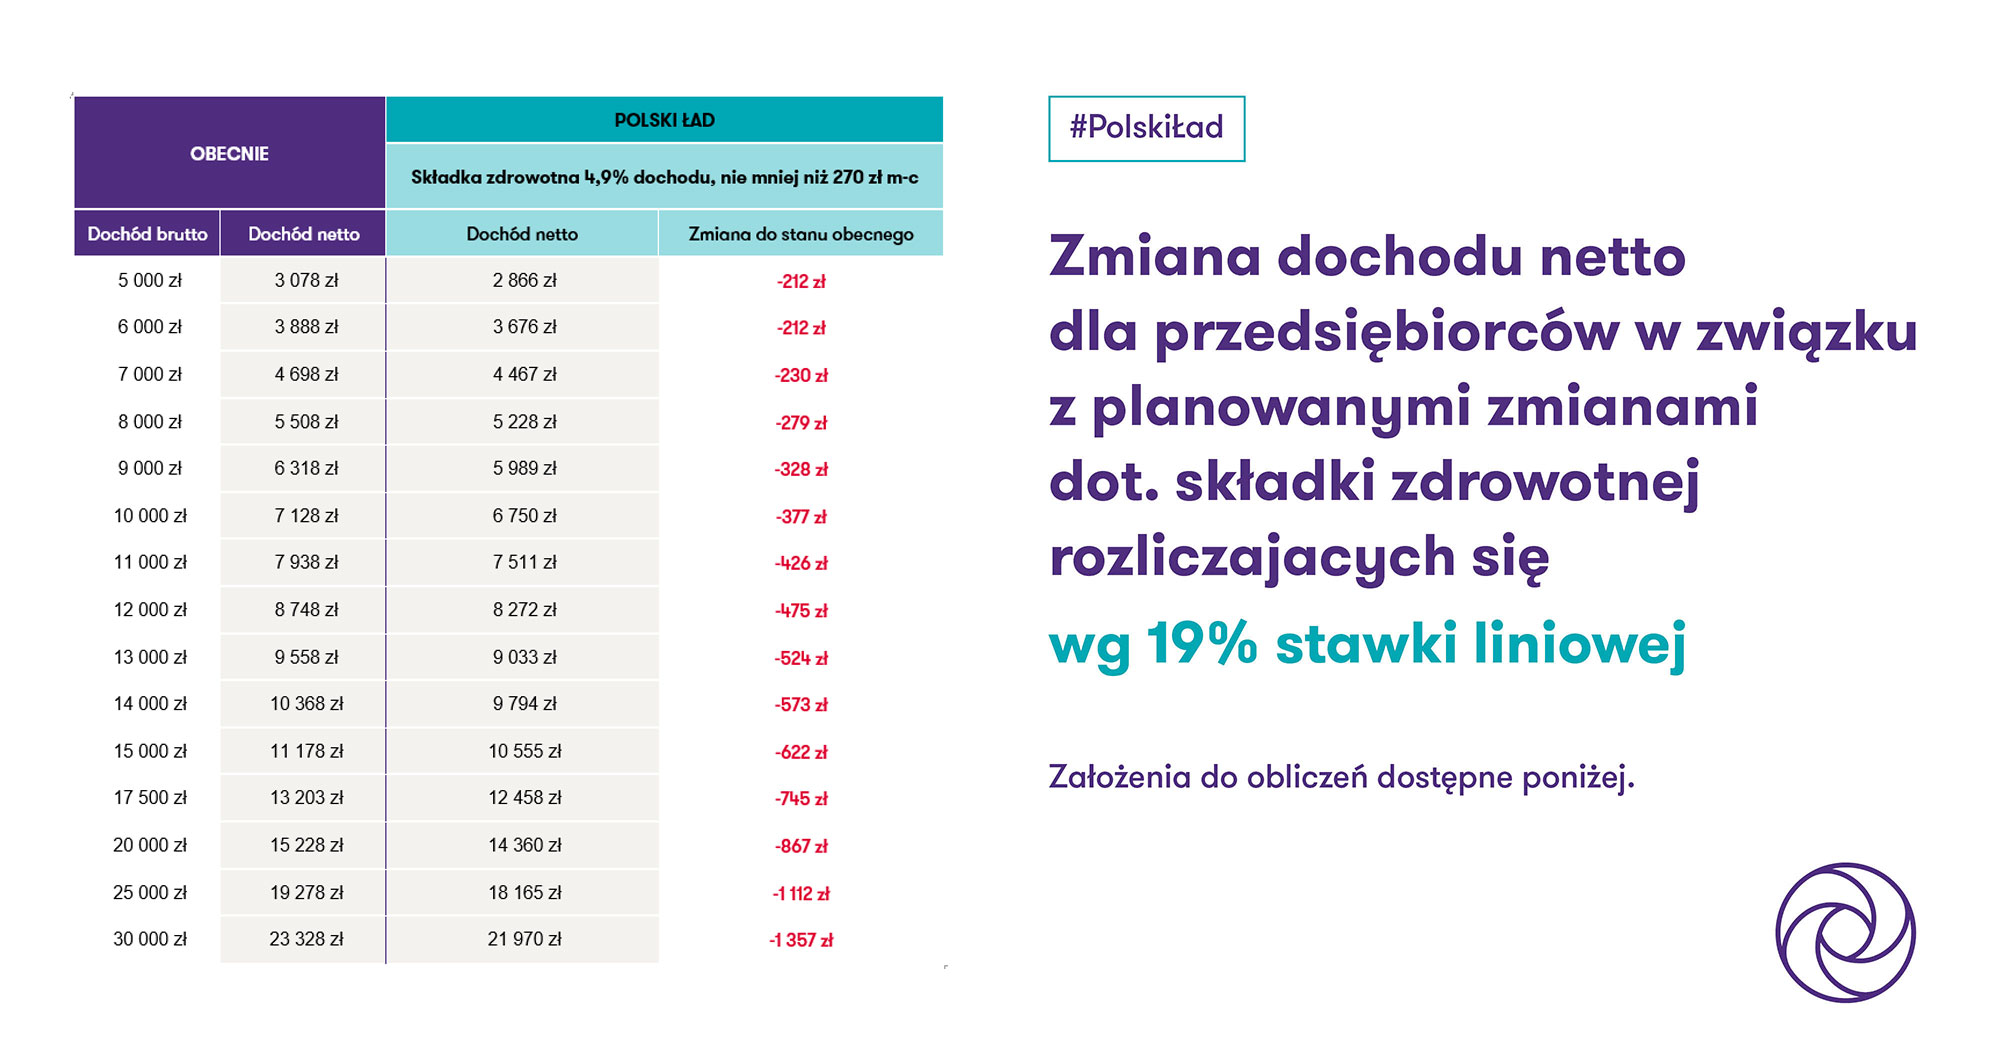 Składka zdrowotna a Polski Ład: podatek liniowy 19%